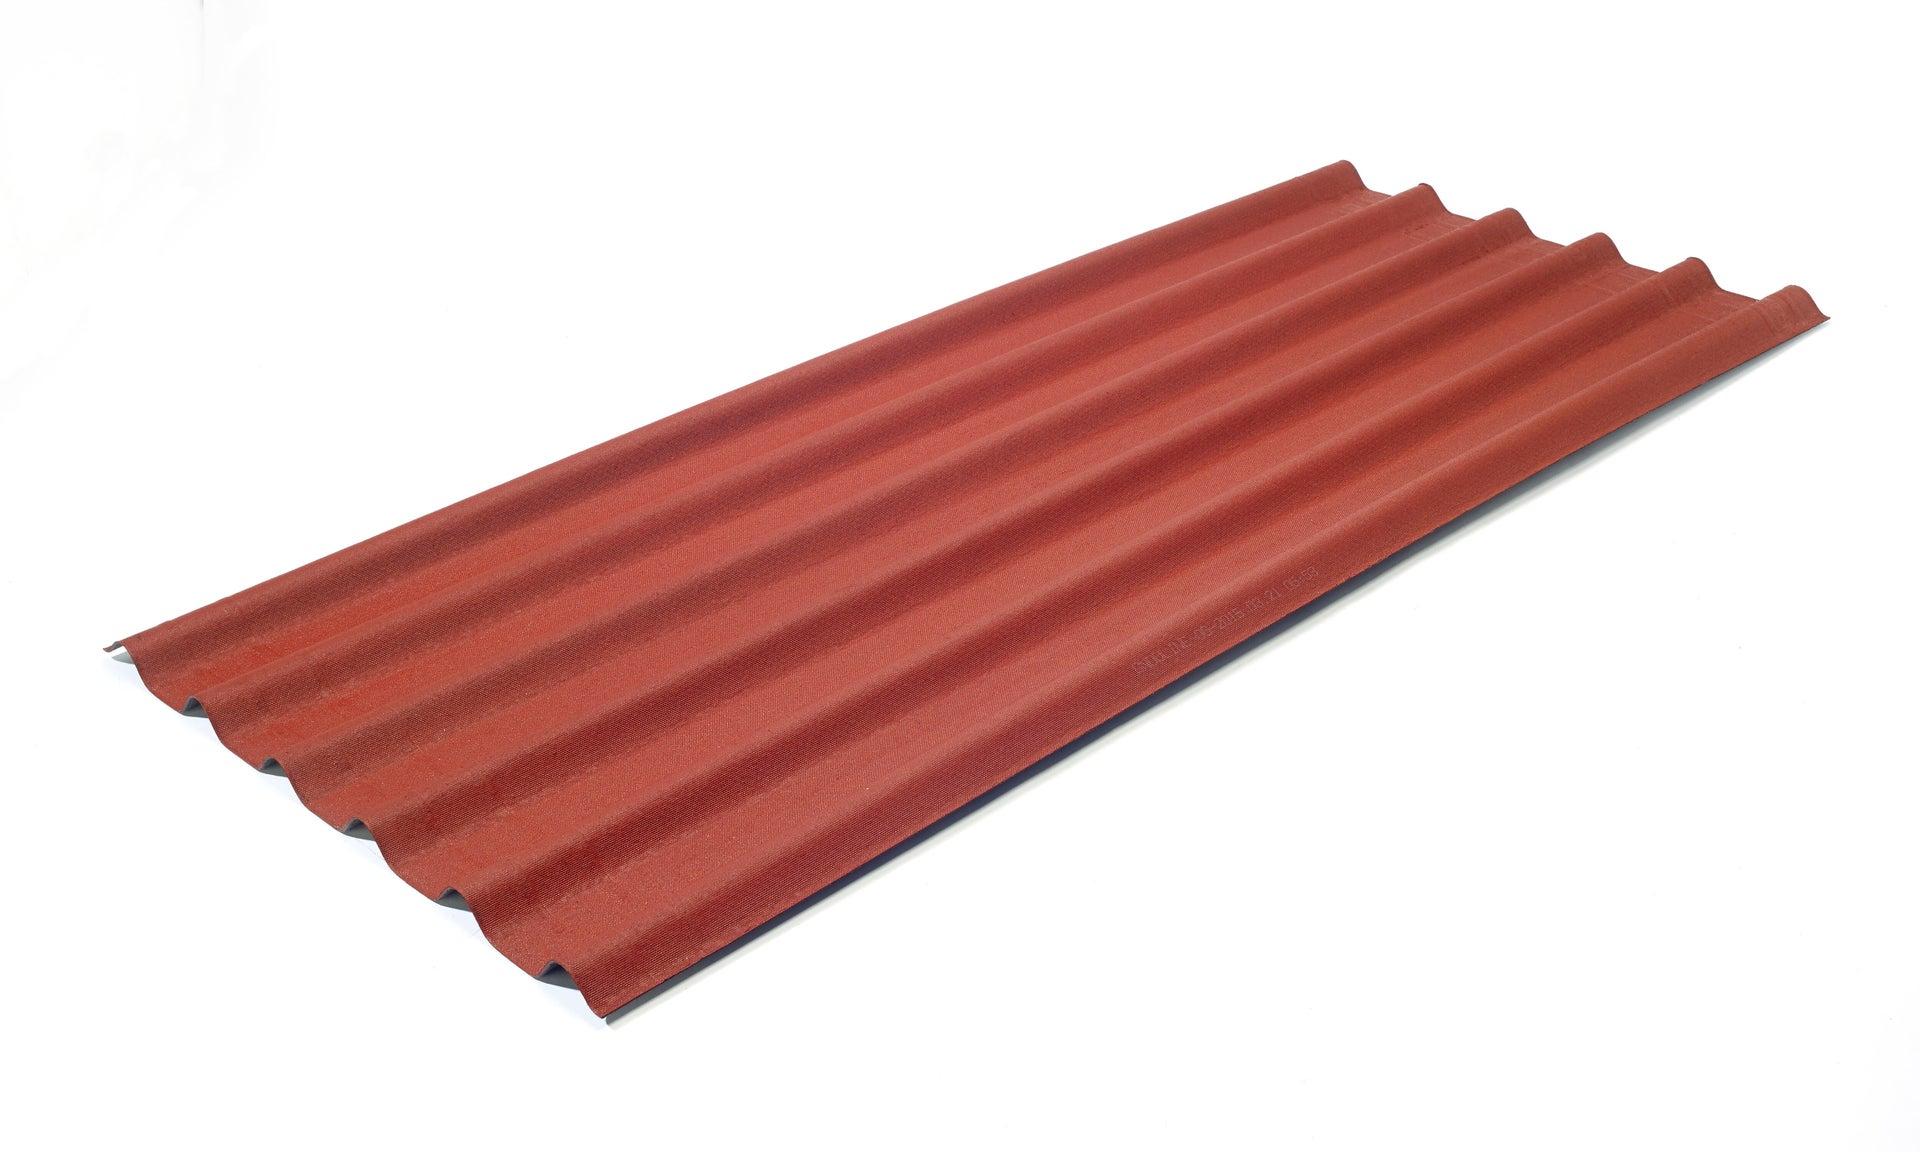 Piastra Asfalto Esterno ONDULINE Easyfix in bitume 0.81 x 2 m rosso - 6